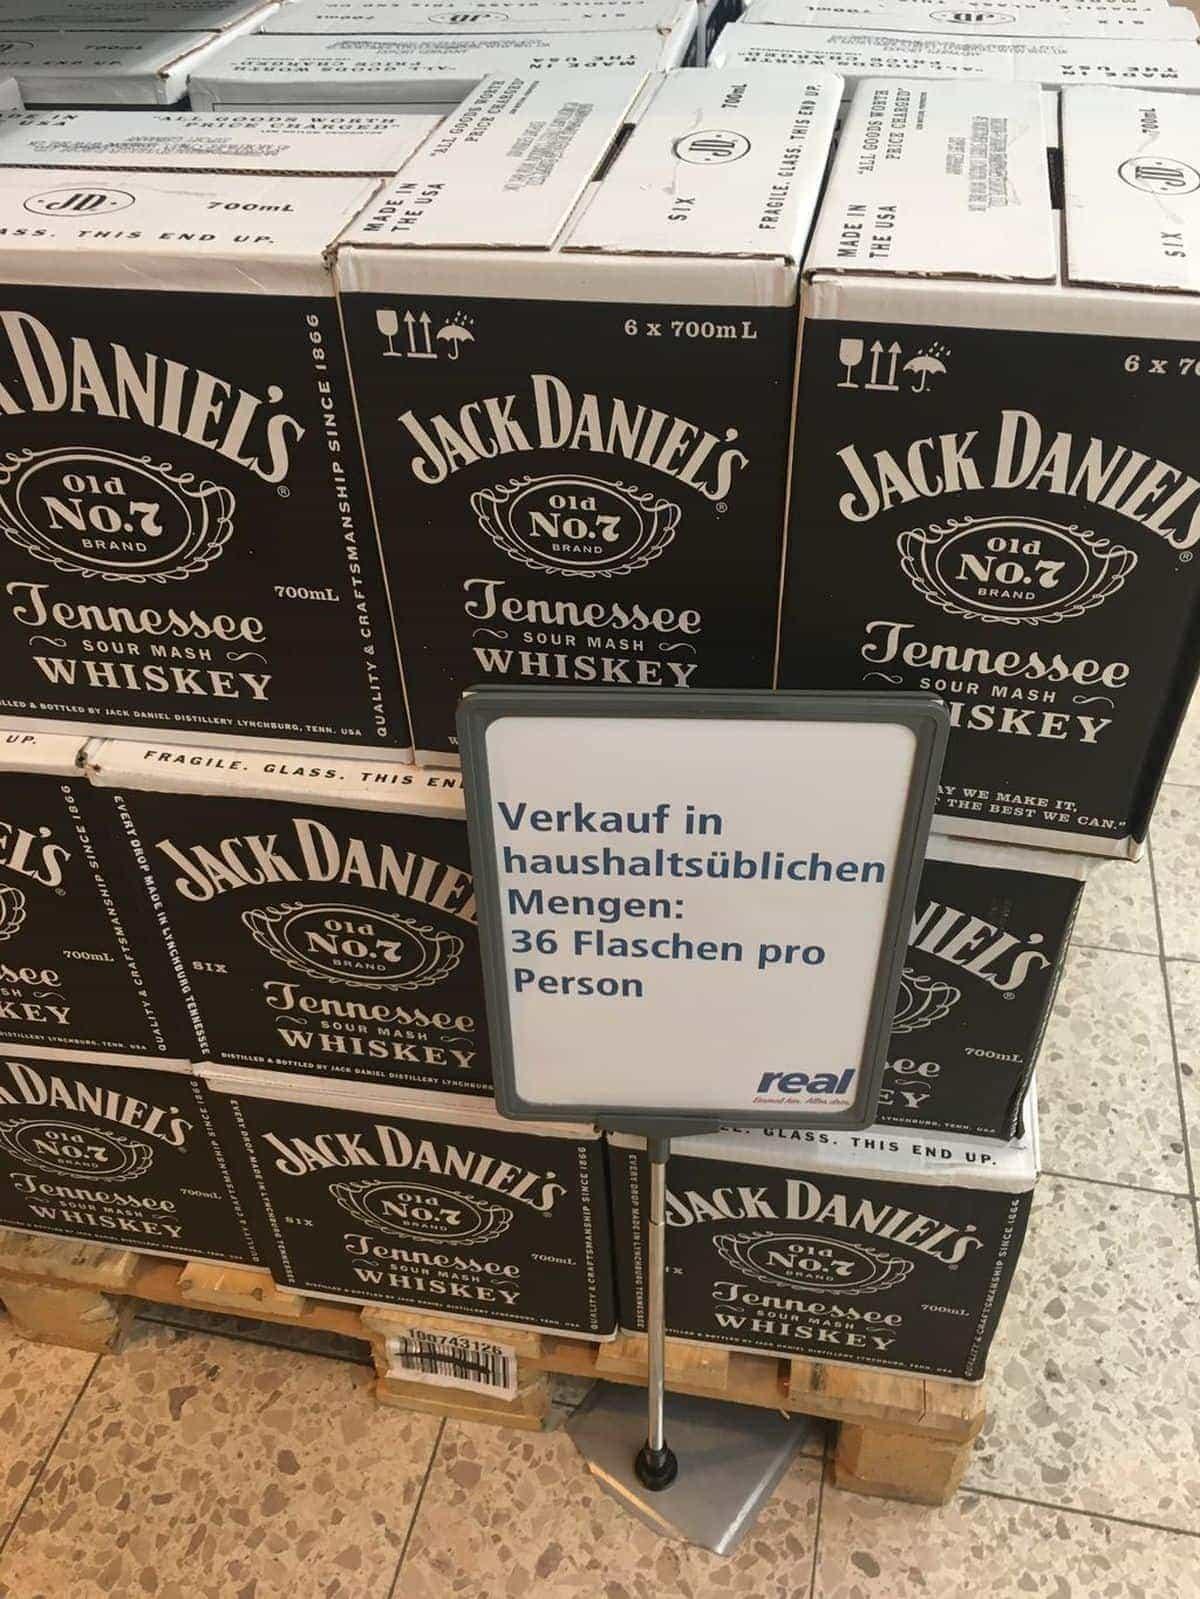 Endlich definiert: Die haushaltsübliche Menge an Whiskey-Flaschen | Lustiges | Was is hier eigentlich los?